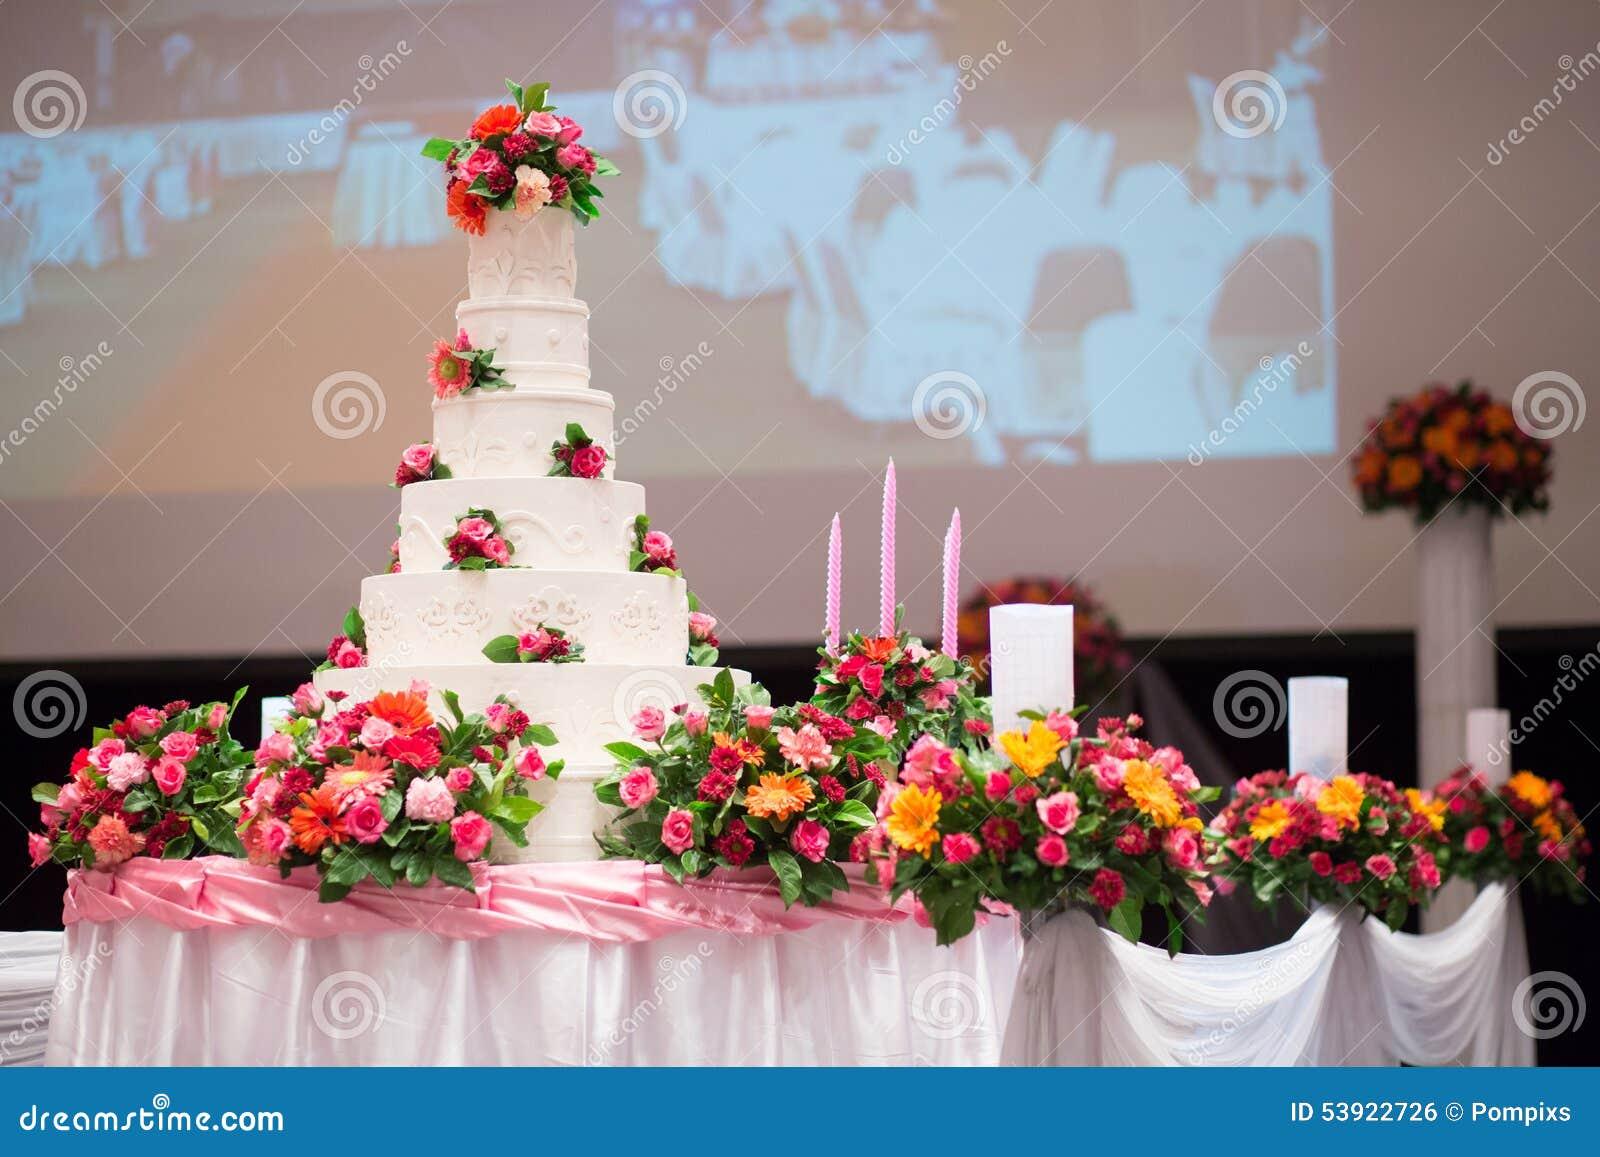 Schoner Kuchen Verzieren Mit Rosarose Blume Und Kerze Fur